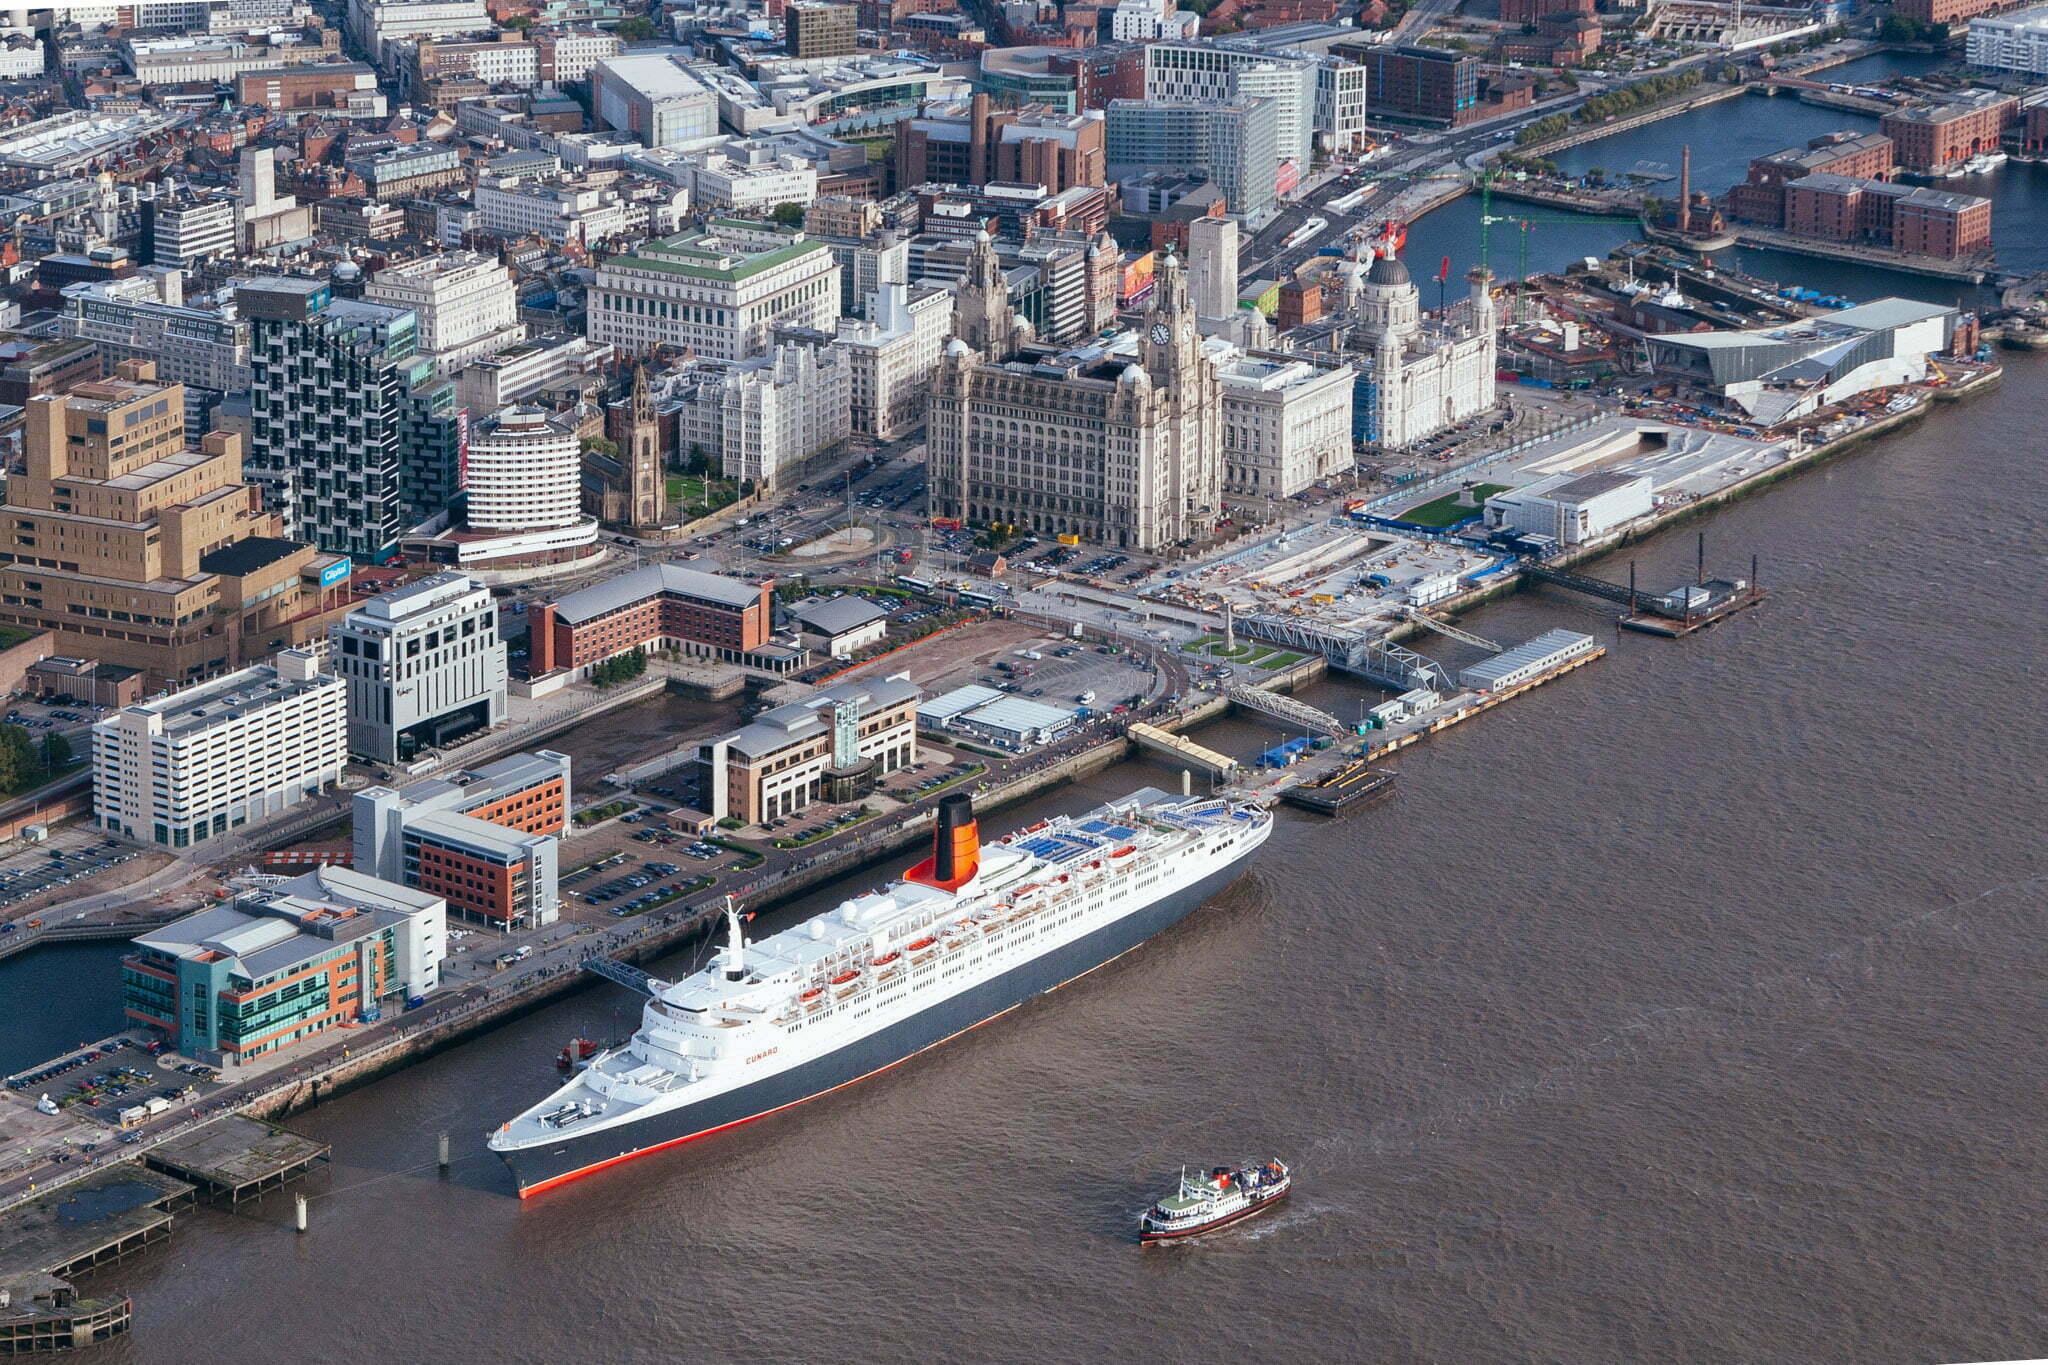 QE2-Liverpool-2281